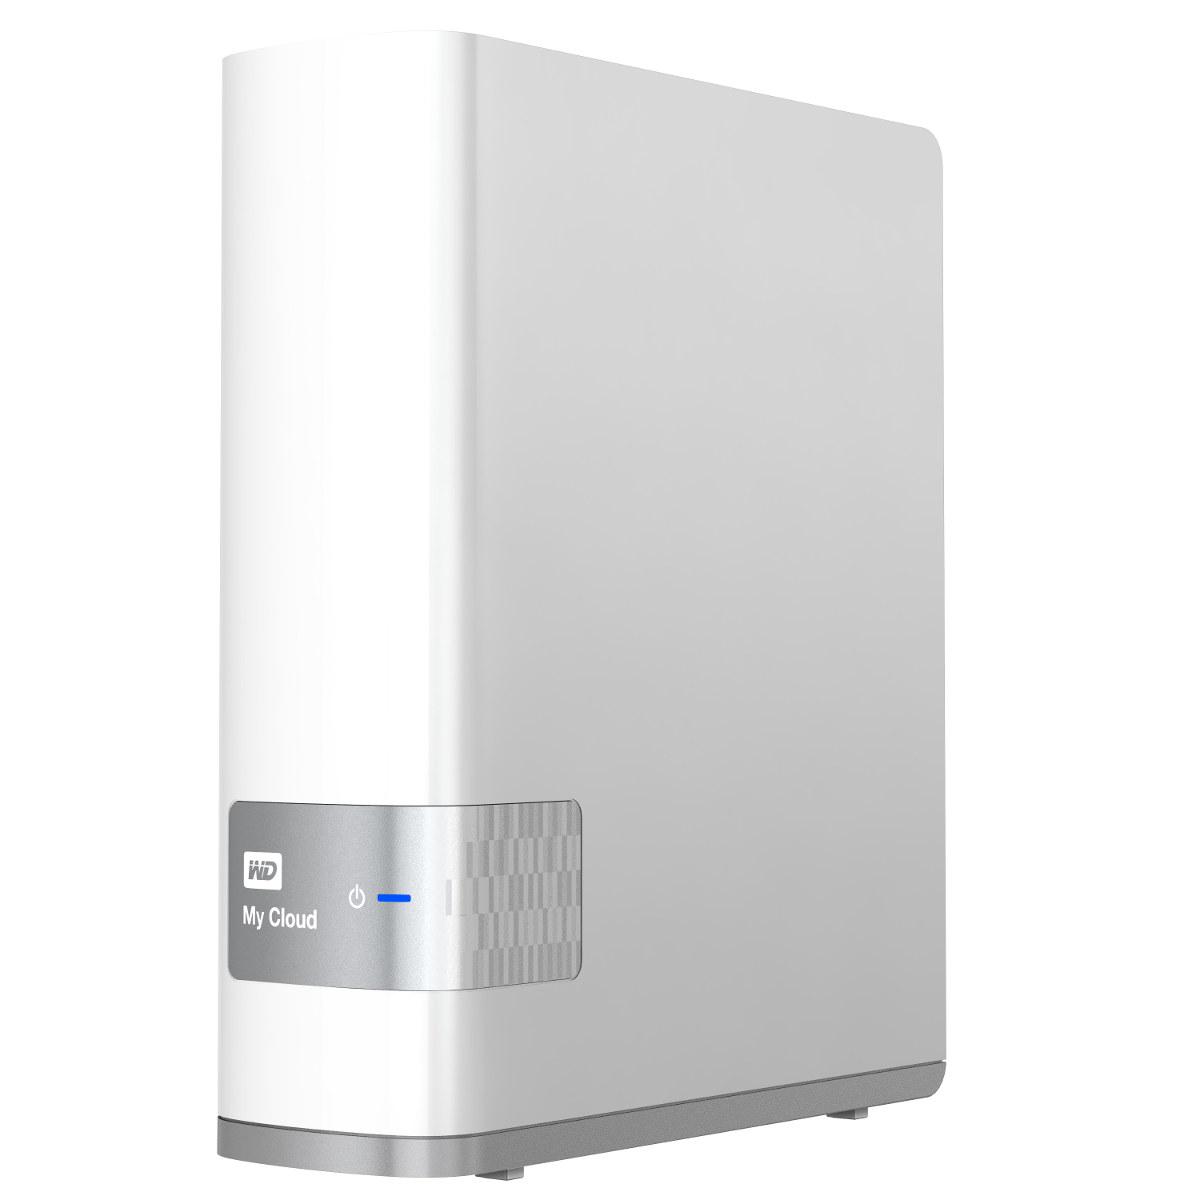 Disque dur externe WD My Cloud 4 To Serveur de stockage multimédia